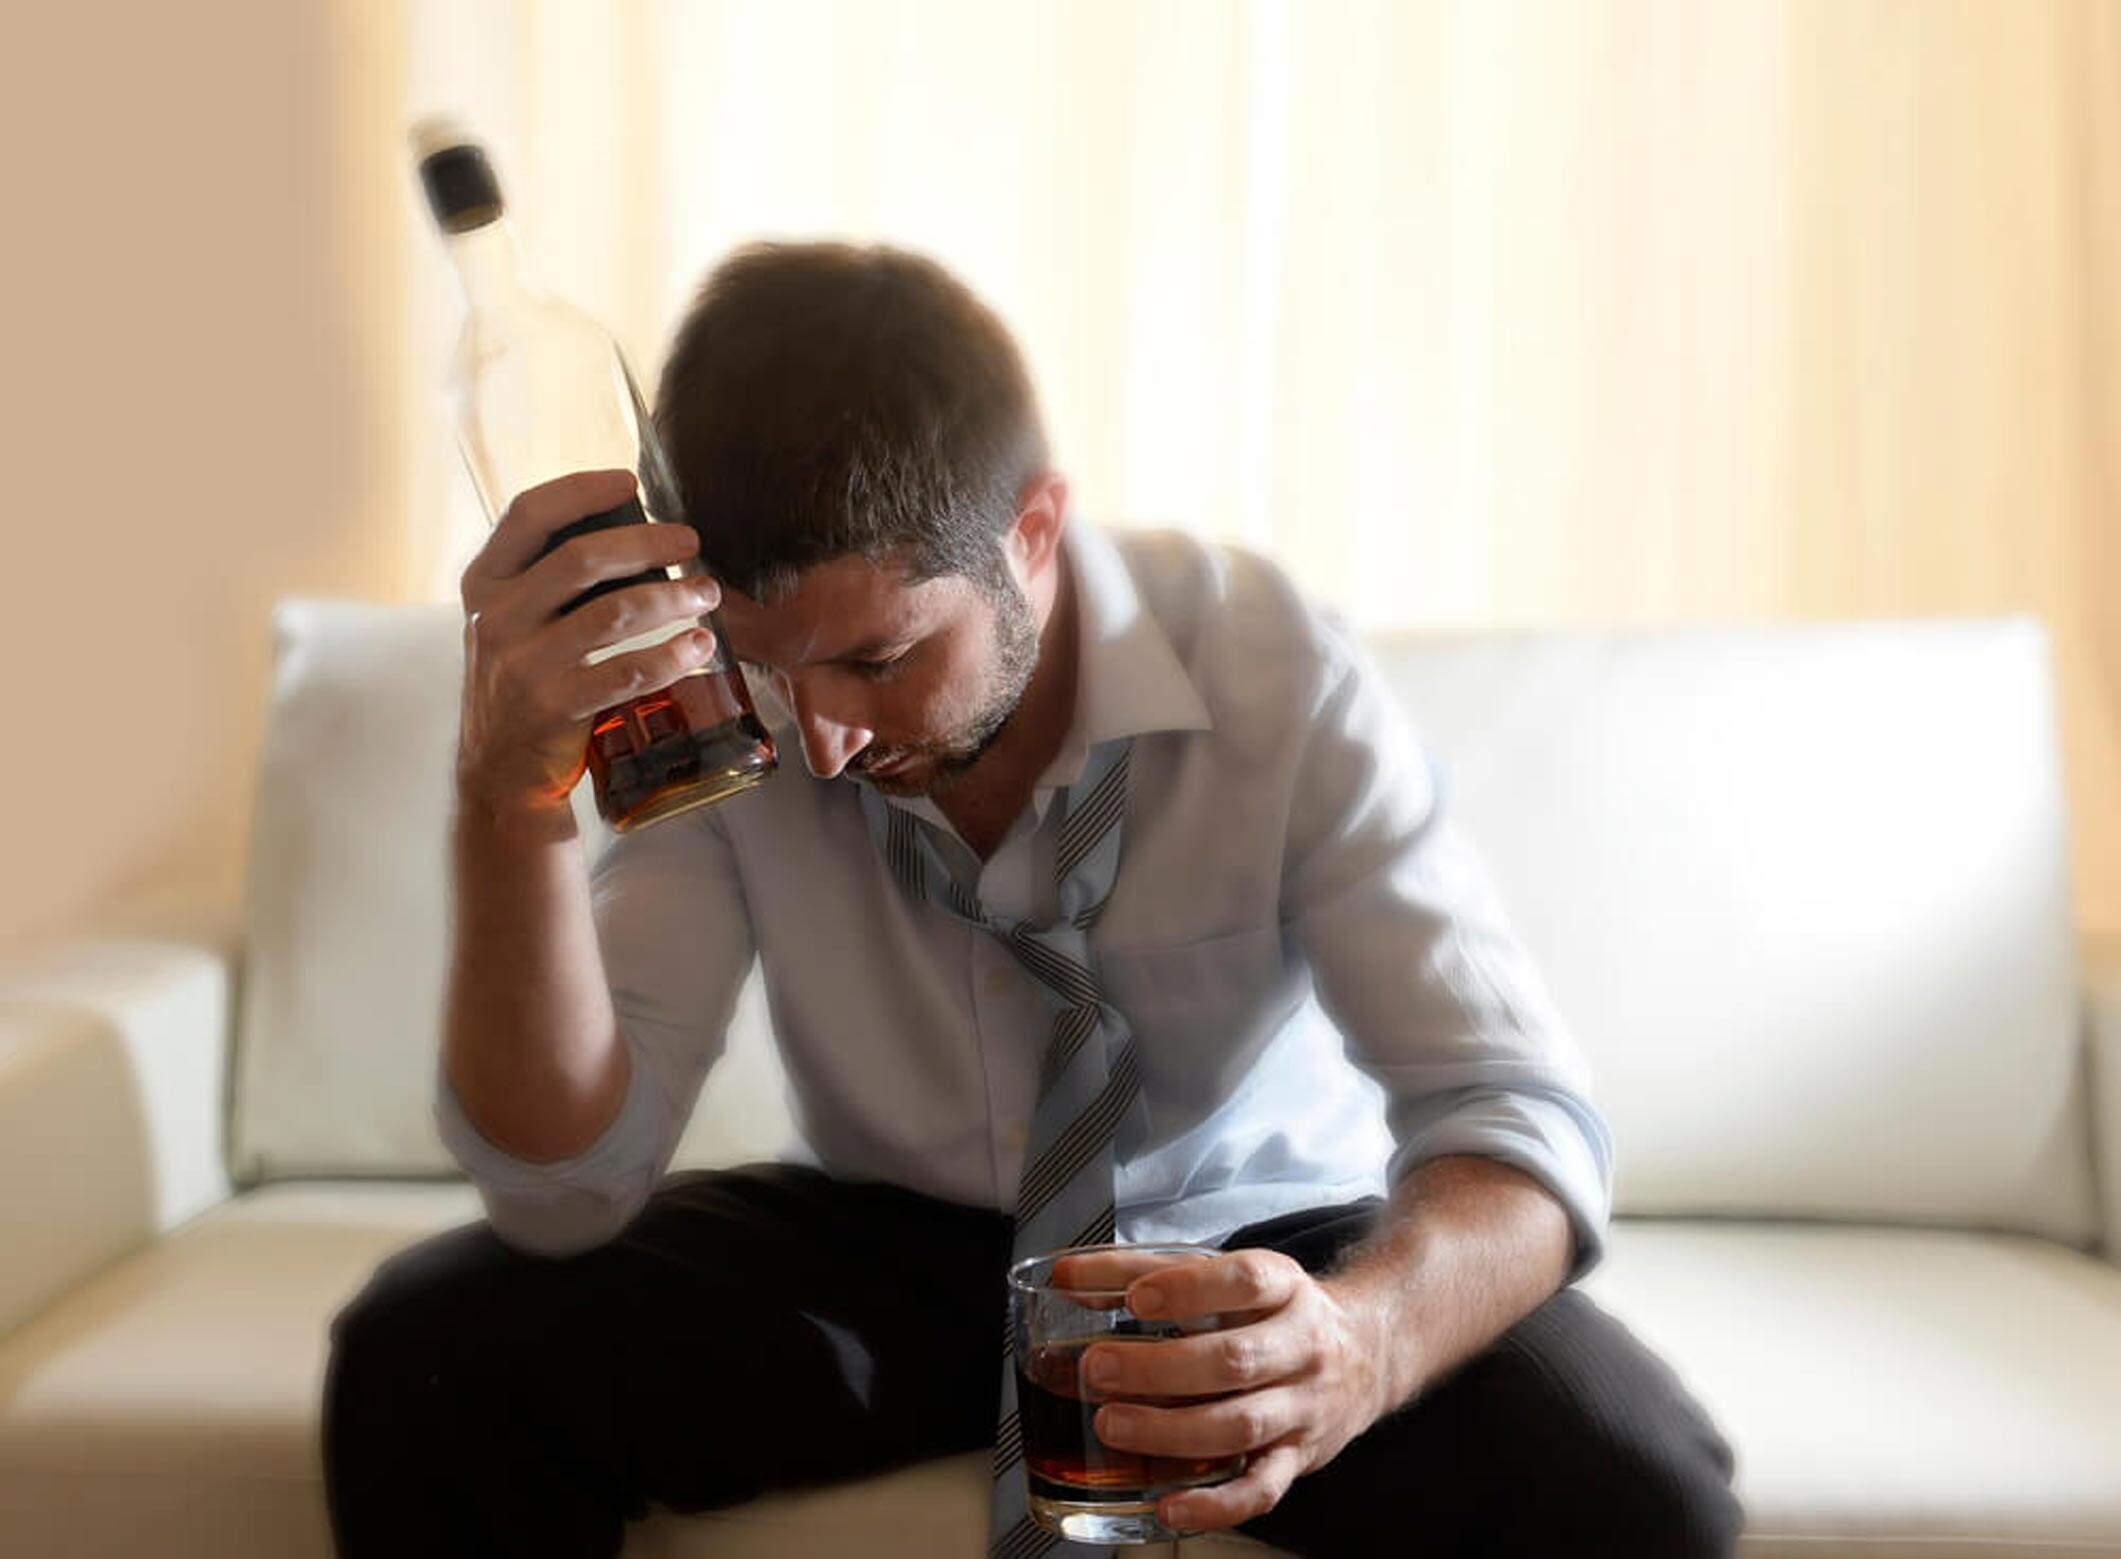 5 sintomas do alcoolismo que indicam que é hora de procurar ajuda